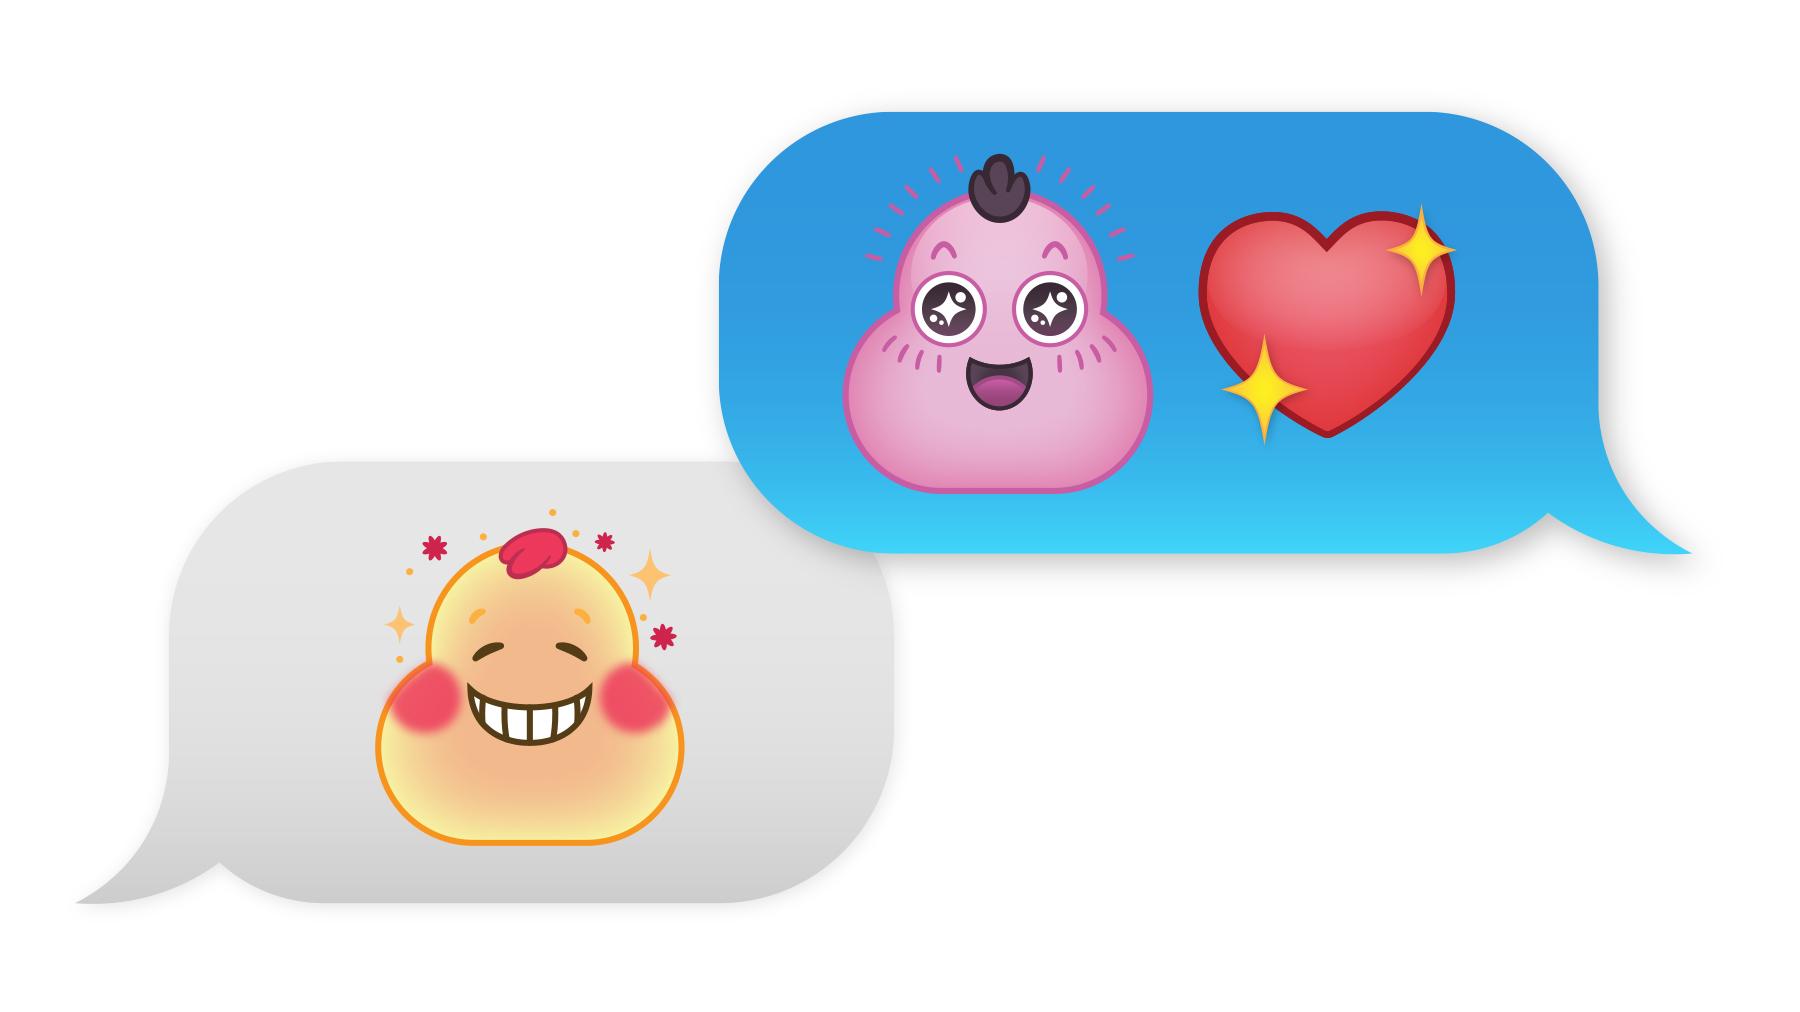 Emoji Bilder Erstellen Bilder   Afllive Stream